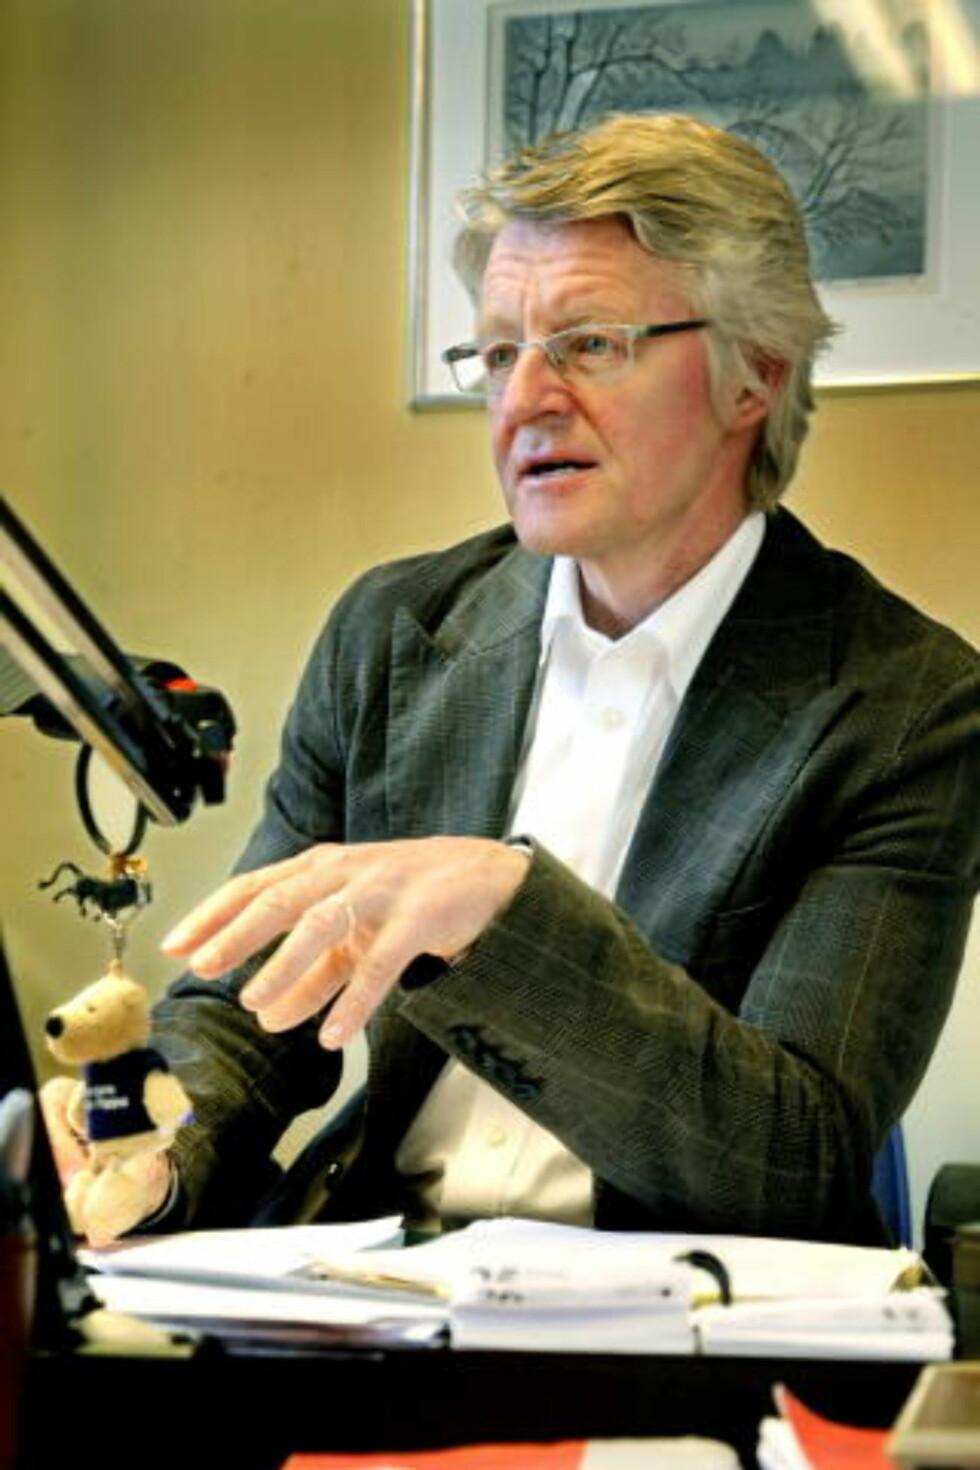 HÅPER PÅ FLERE: Advokat Harald Stabell håper at flere med kunnskap fra POT skal melde seg som vitner. Foto: Jacques Hvistendahl / Dagbladet